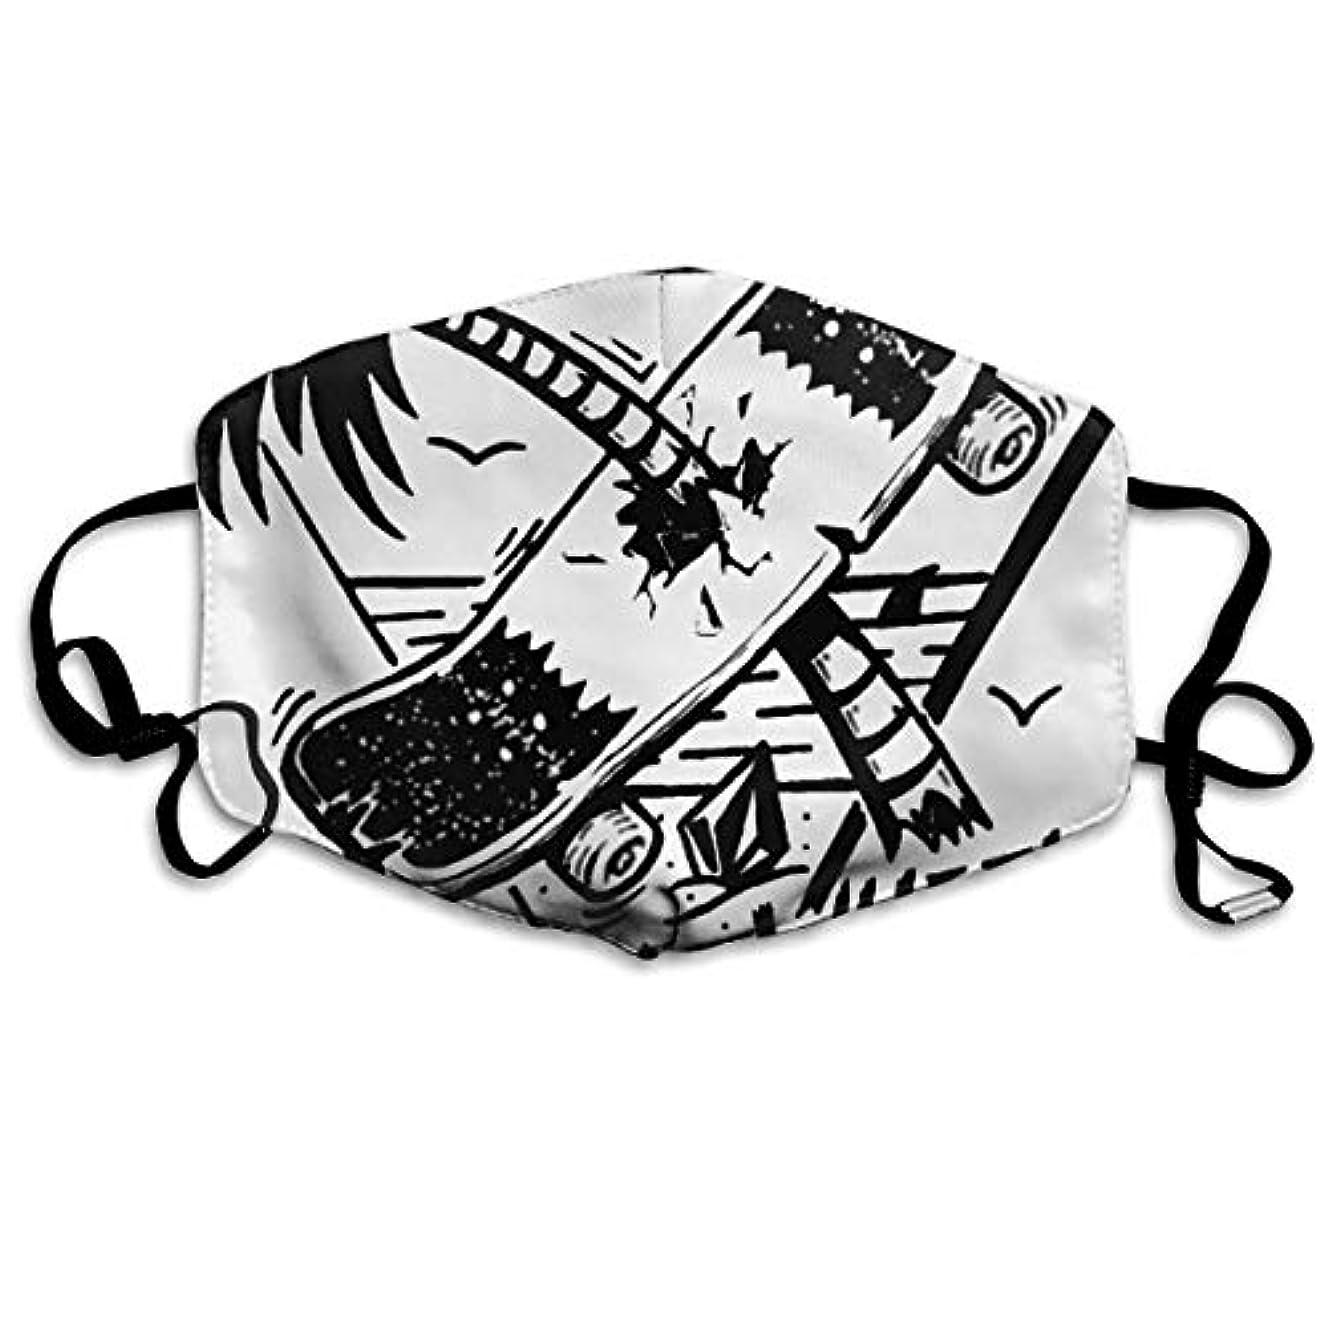 殺人者移住する肘掛け椅子Keep It Wheel KOUZH マスク マルチガードマスク 洗える 男女兼用 カップル 花粉対策 風邪 防塵 抗菌 防寒 おしゃれ ファッション UVカット 消臭 汚れ分解 立体 レギュラーサイズ ほこり 小顔...